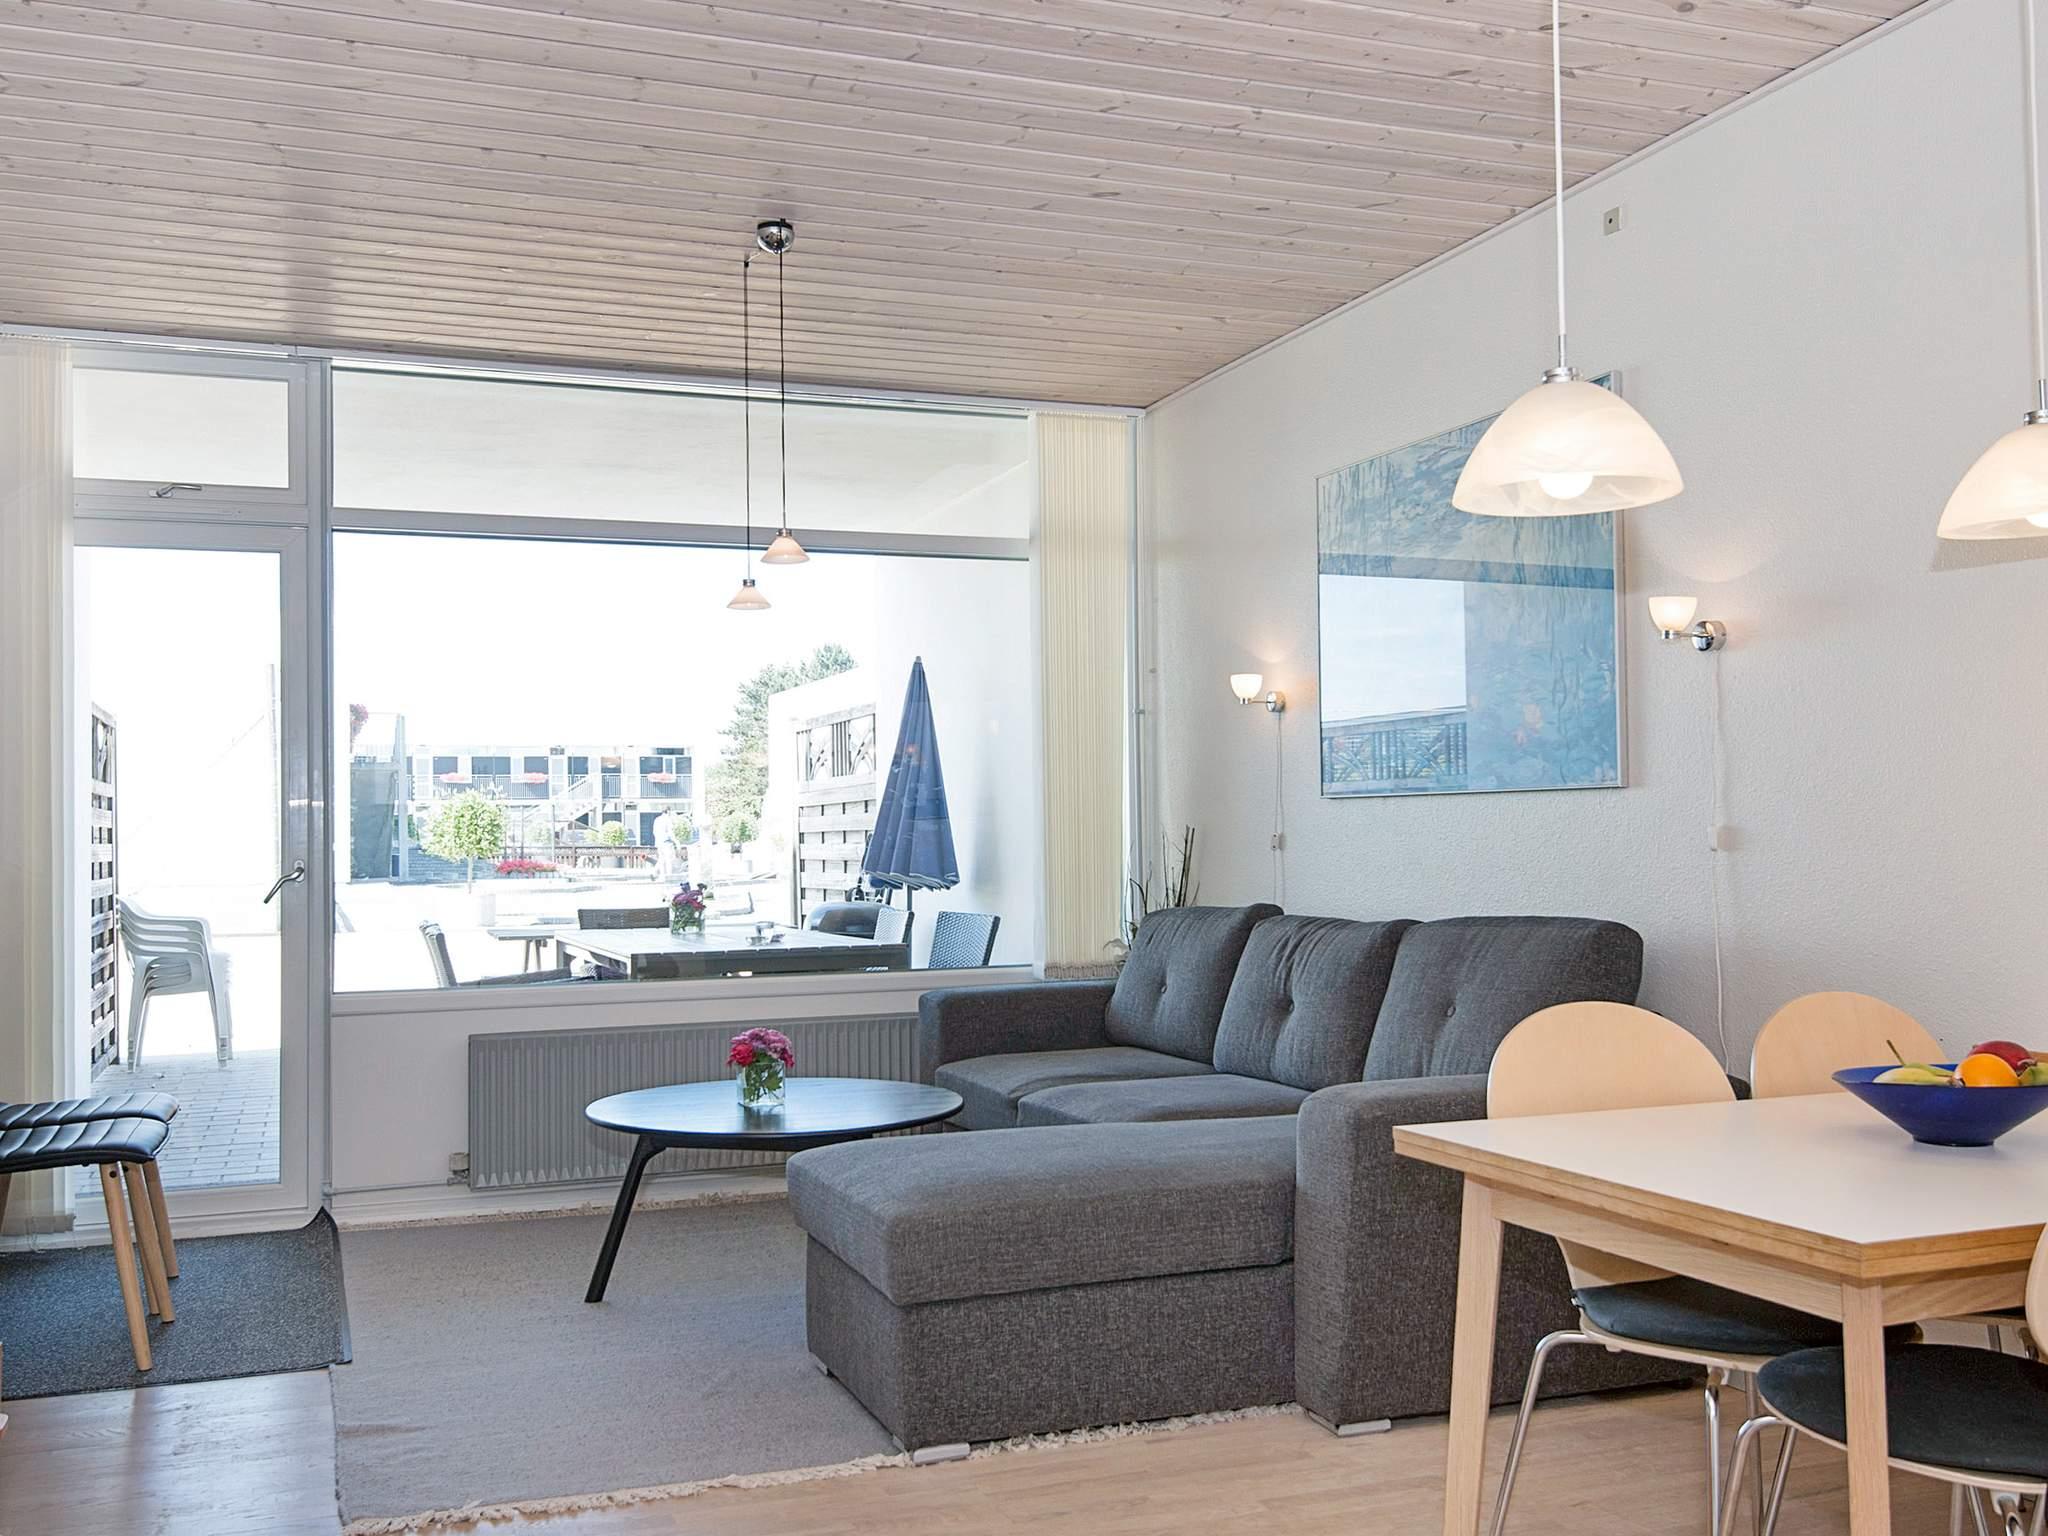 Ferienwohnung Bønnerup Strand - Typ 3 - 3 Zimmer,Erdg. oder 1.stock (1719344), Bønnerup, , Ostjütland, Dänemark, Bild 7